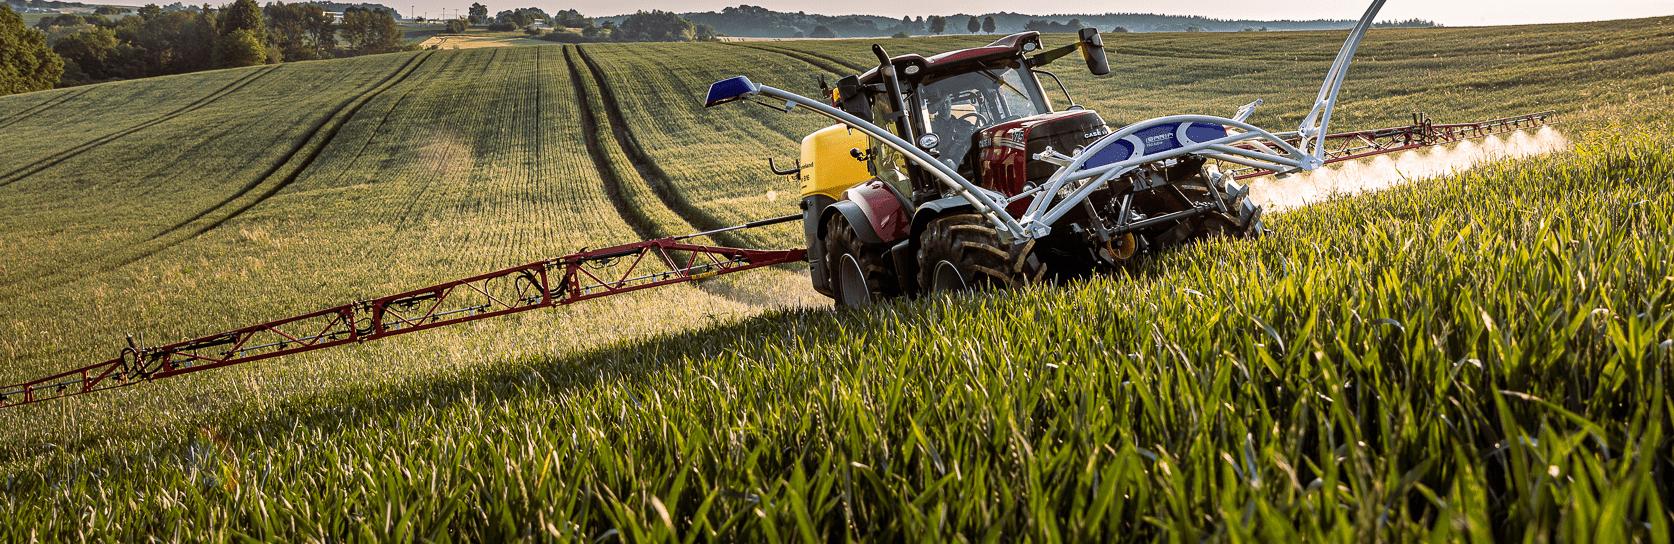 ISARIA Produkte: Pro Active für die digitale Landwirtschaft.